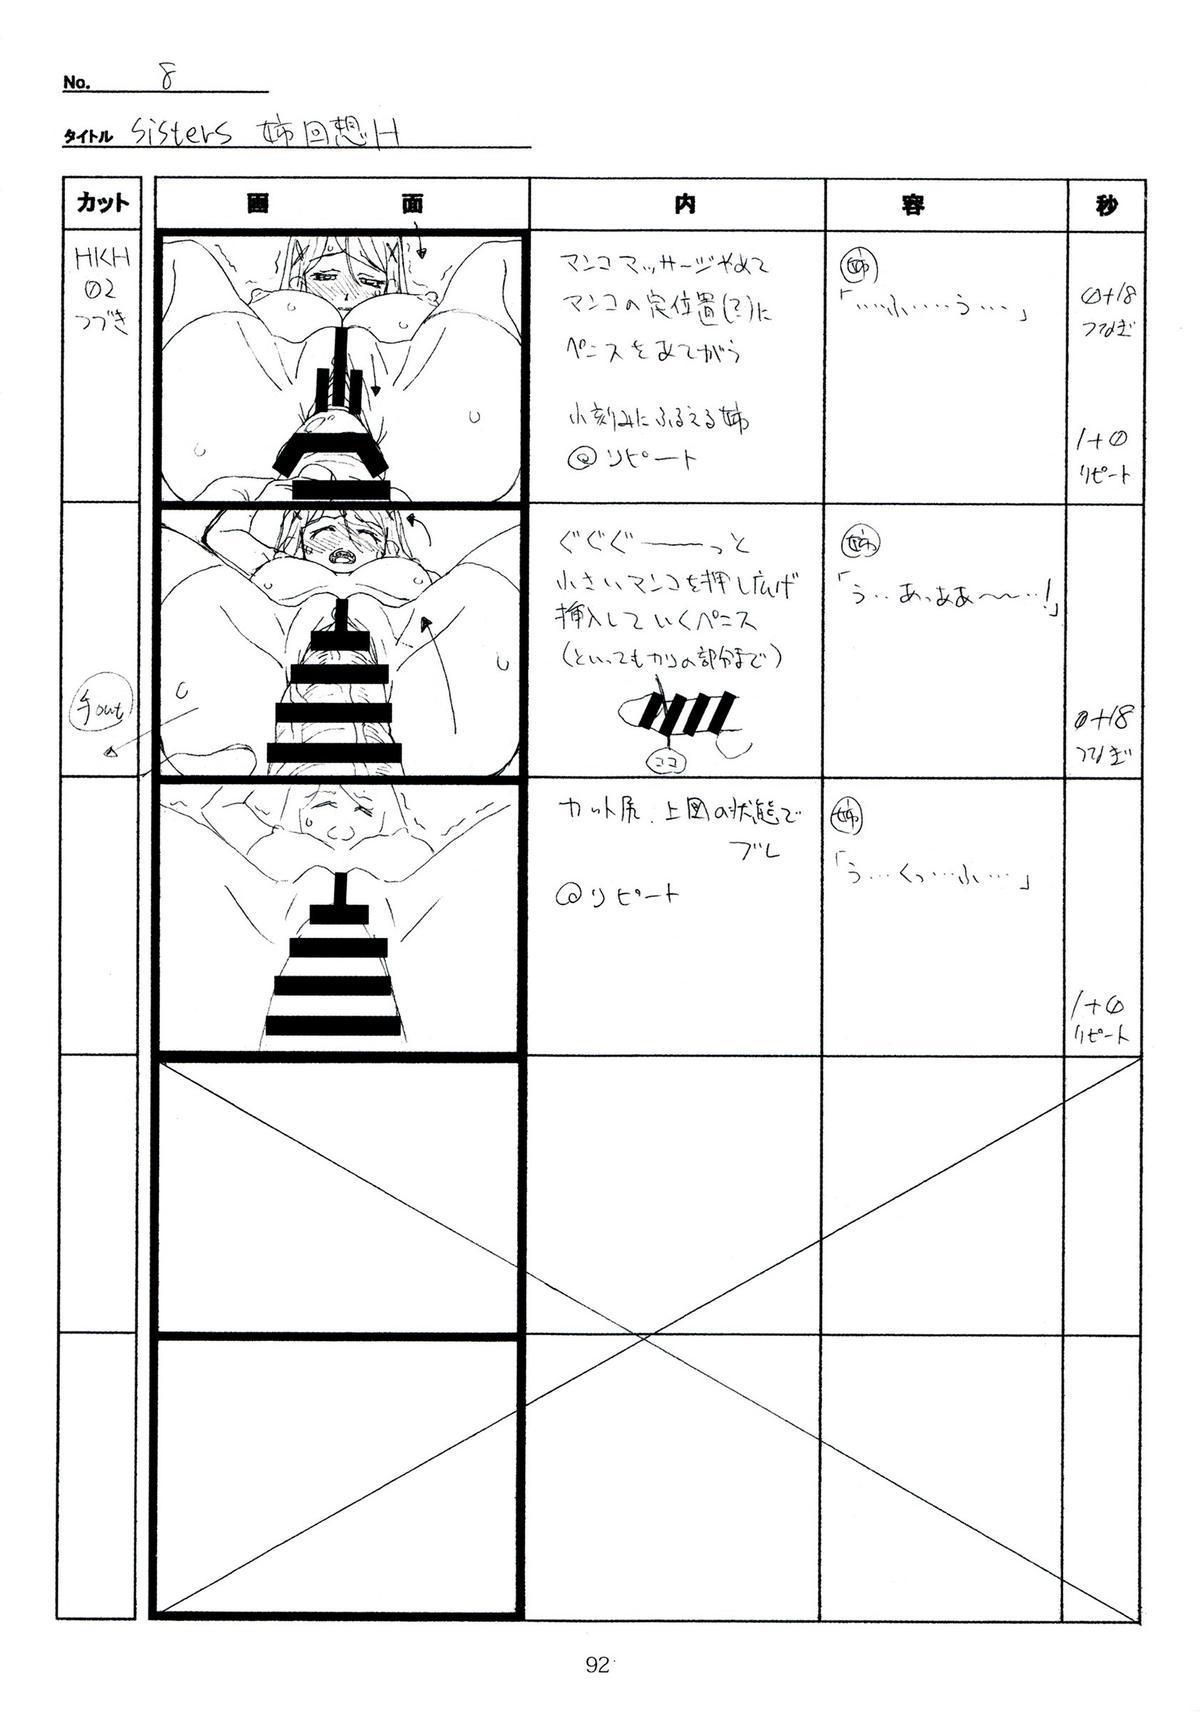 (C89) [Makino Jimusho (Taki Minashika)] SISTERS -Natsu no Saigo no Hi- H Scene All Part Storyboard (SISTERS -Natsu no Saigo no Hi-) 91